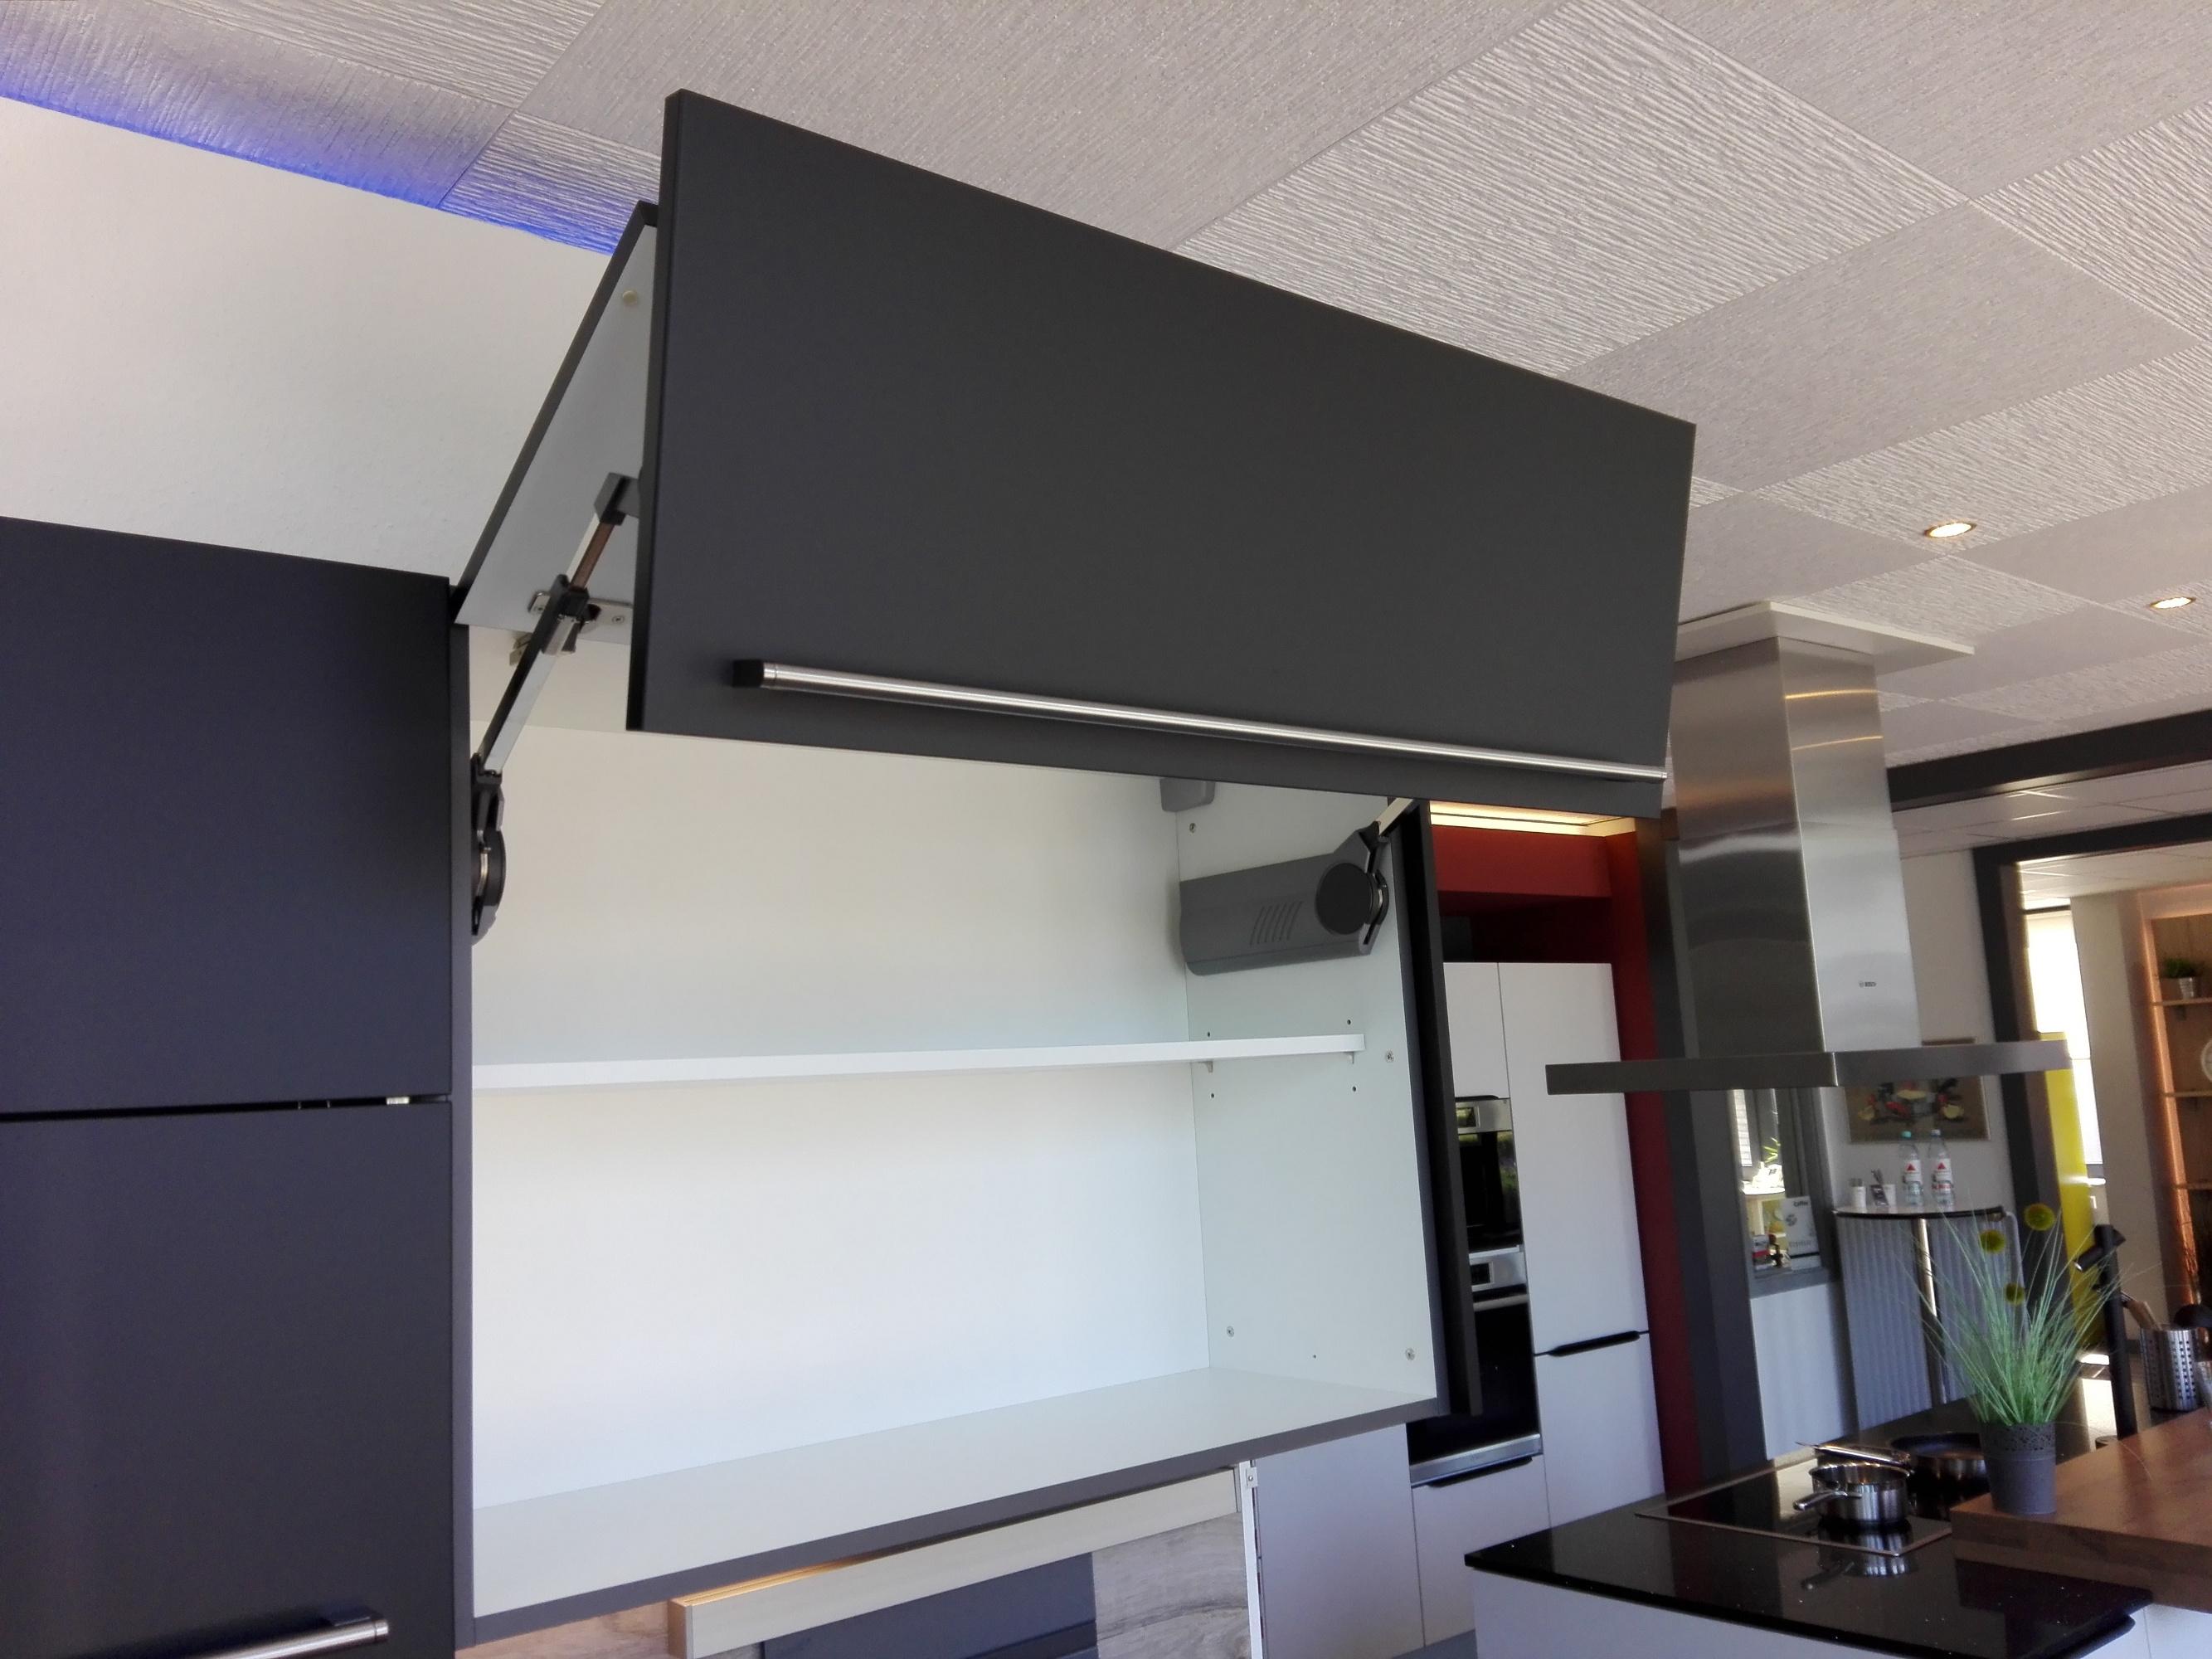 Küche 4 - Wandschrank mit Faltklappen